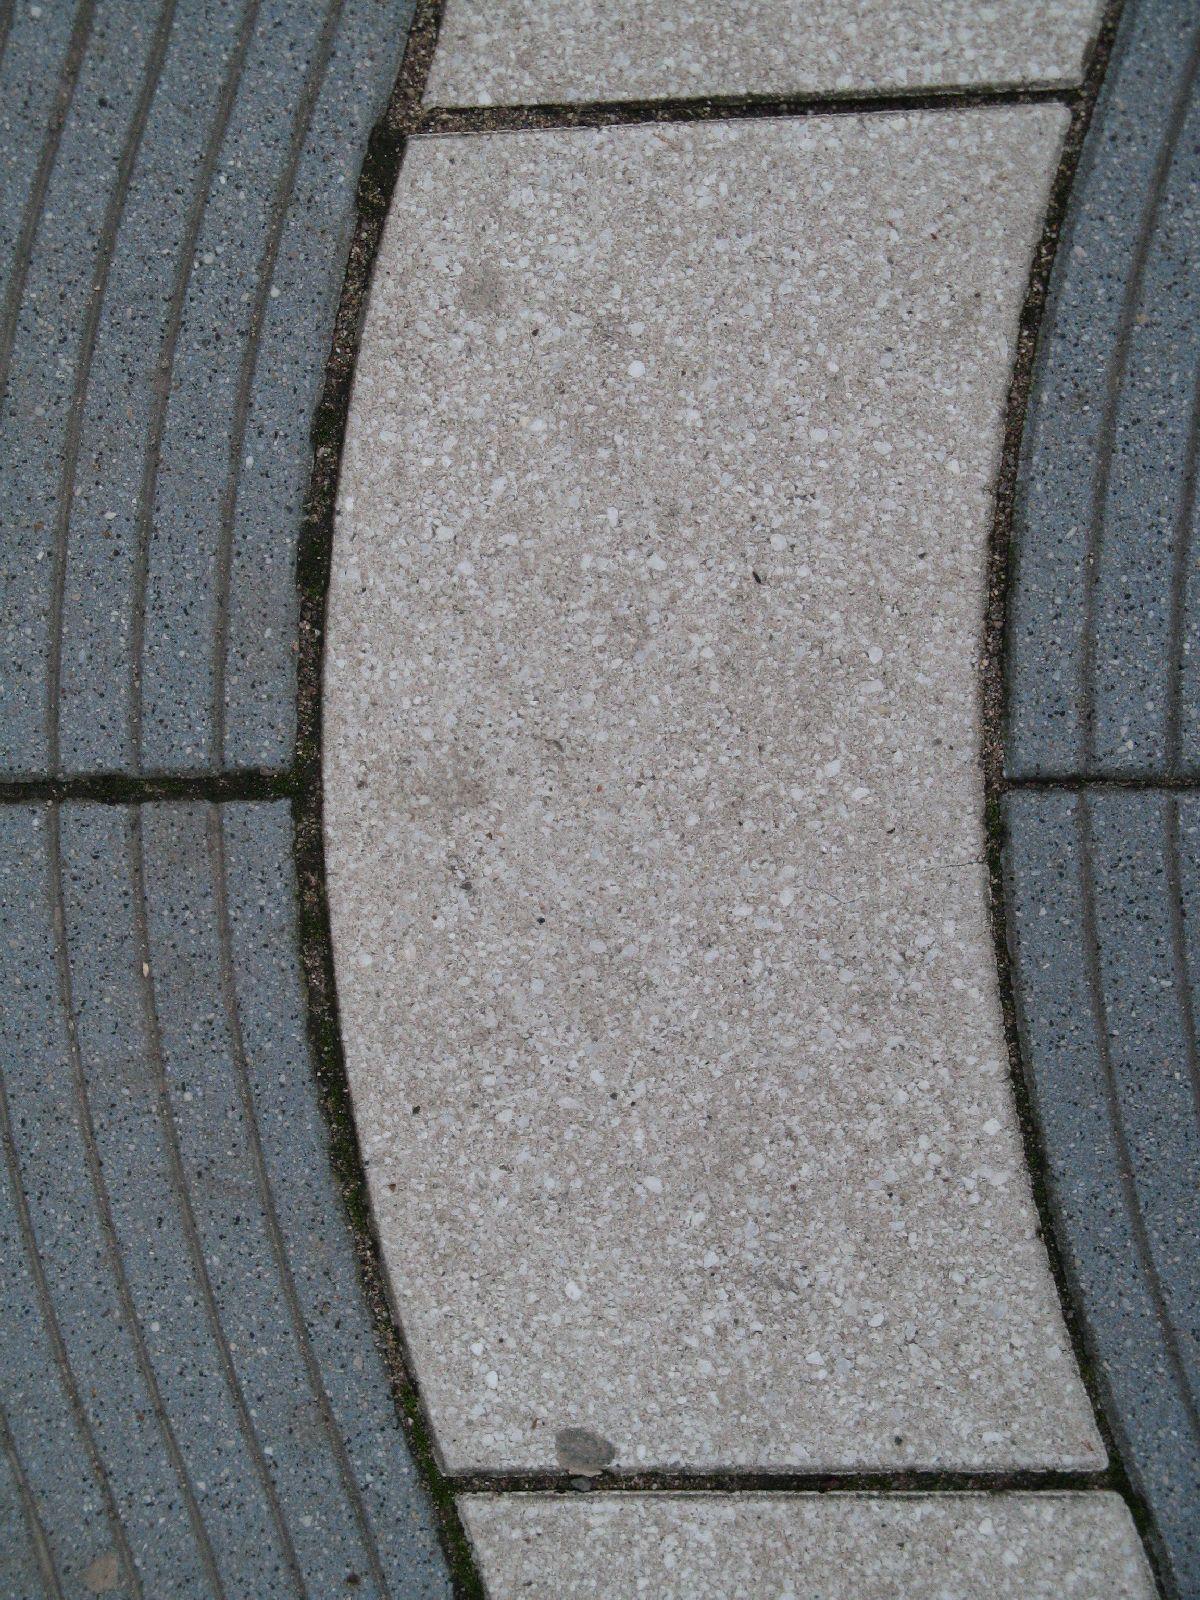 Ground-Urban_Texture_B_1123